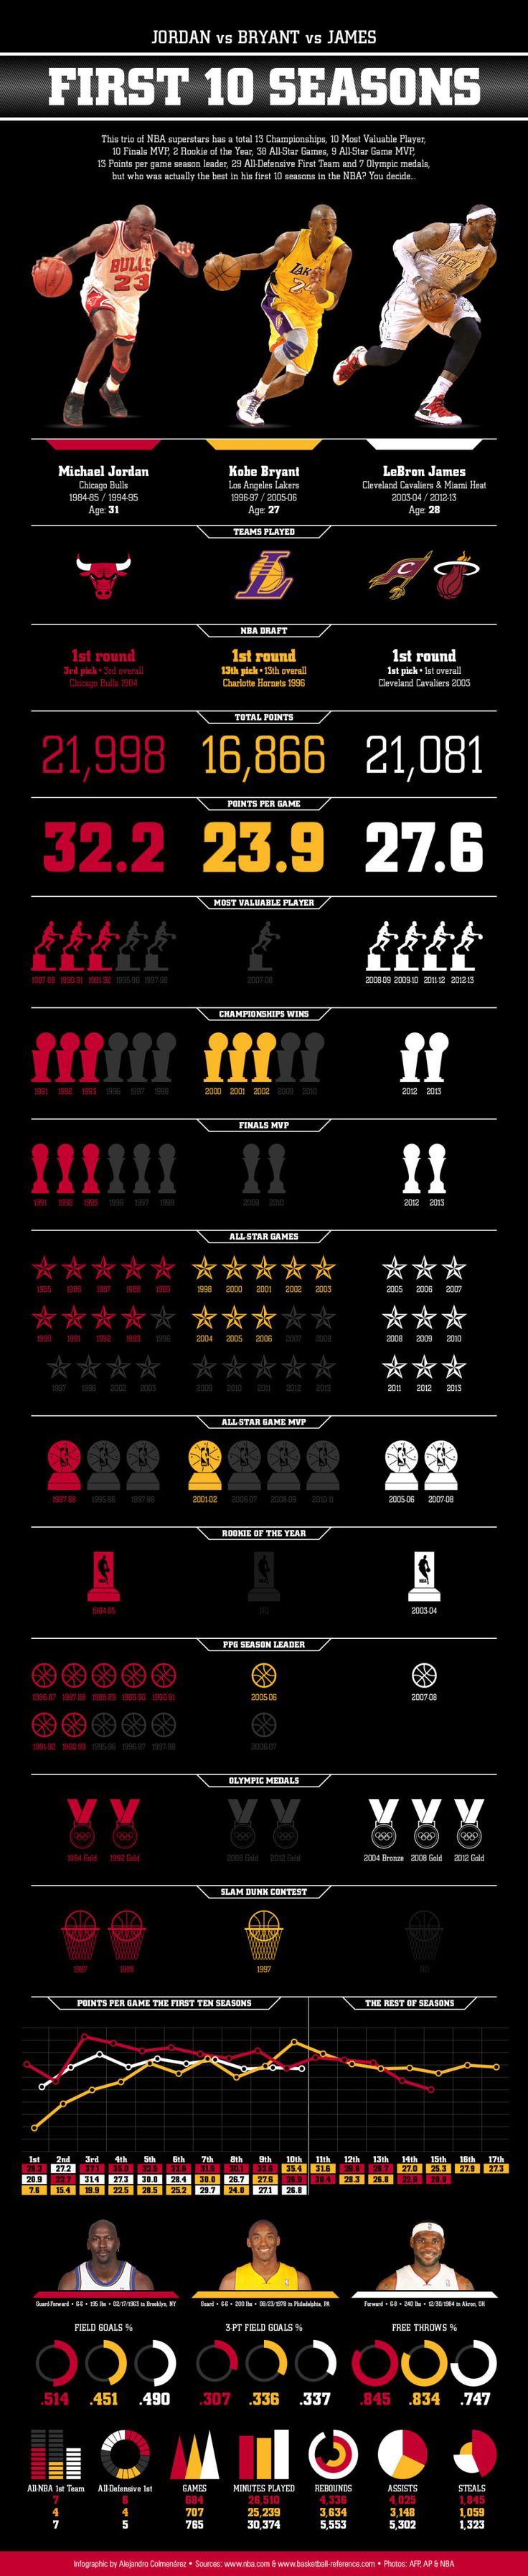 Comparativa #Jordan #Kobe #LeBron de sus primeros 10 años en la #NBA | #basket #baloncesto